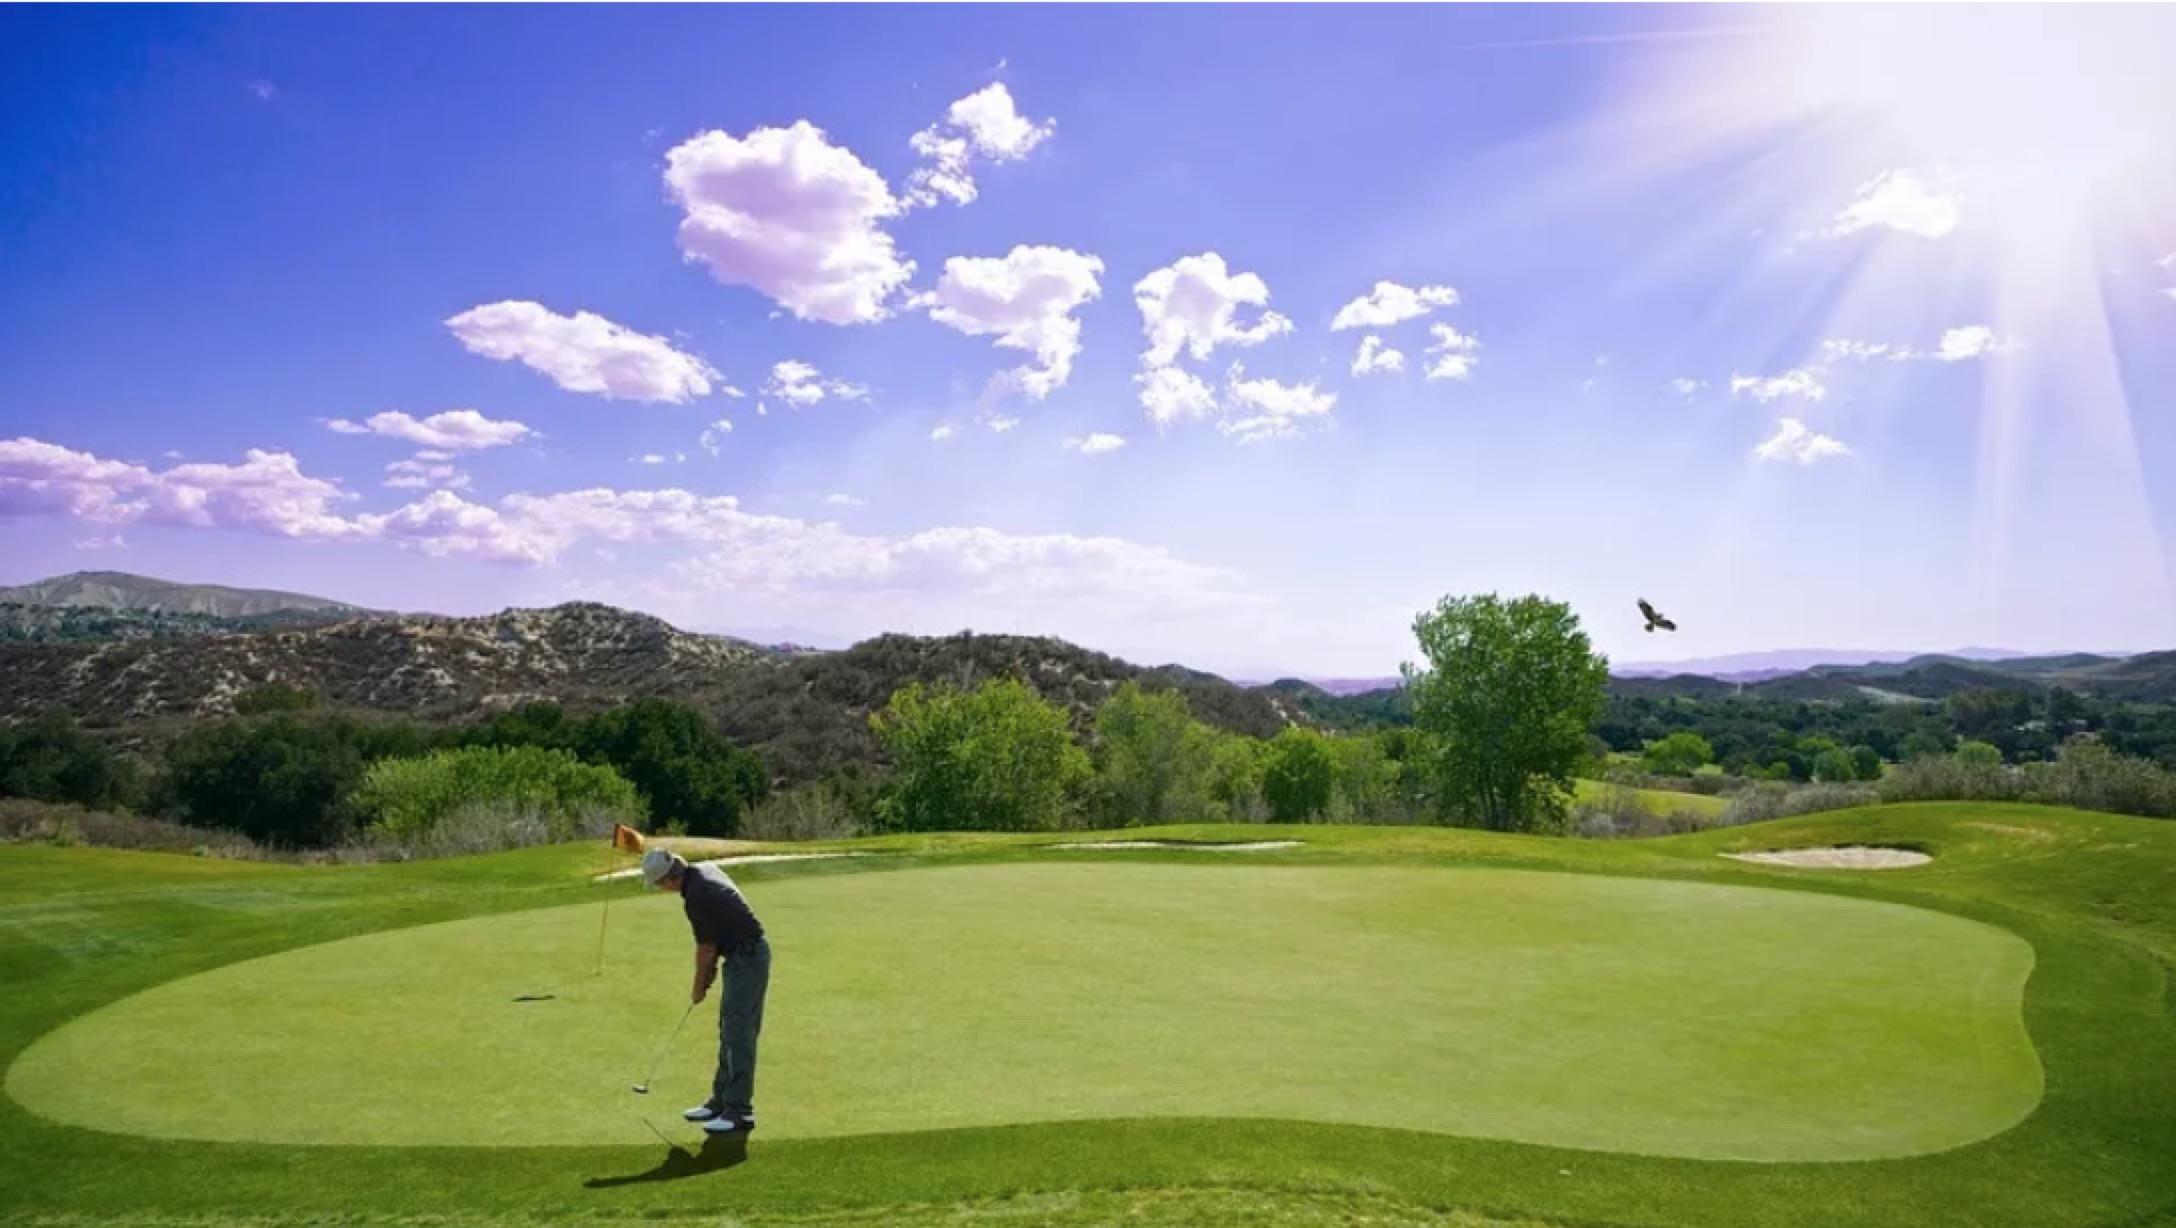 高尔夫教会我们的:有时候最好的心态就是忘记!